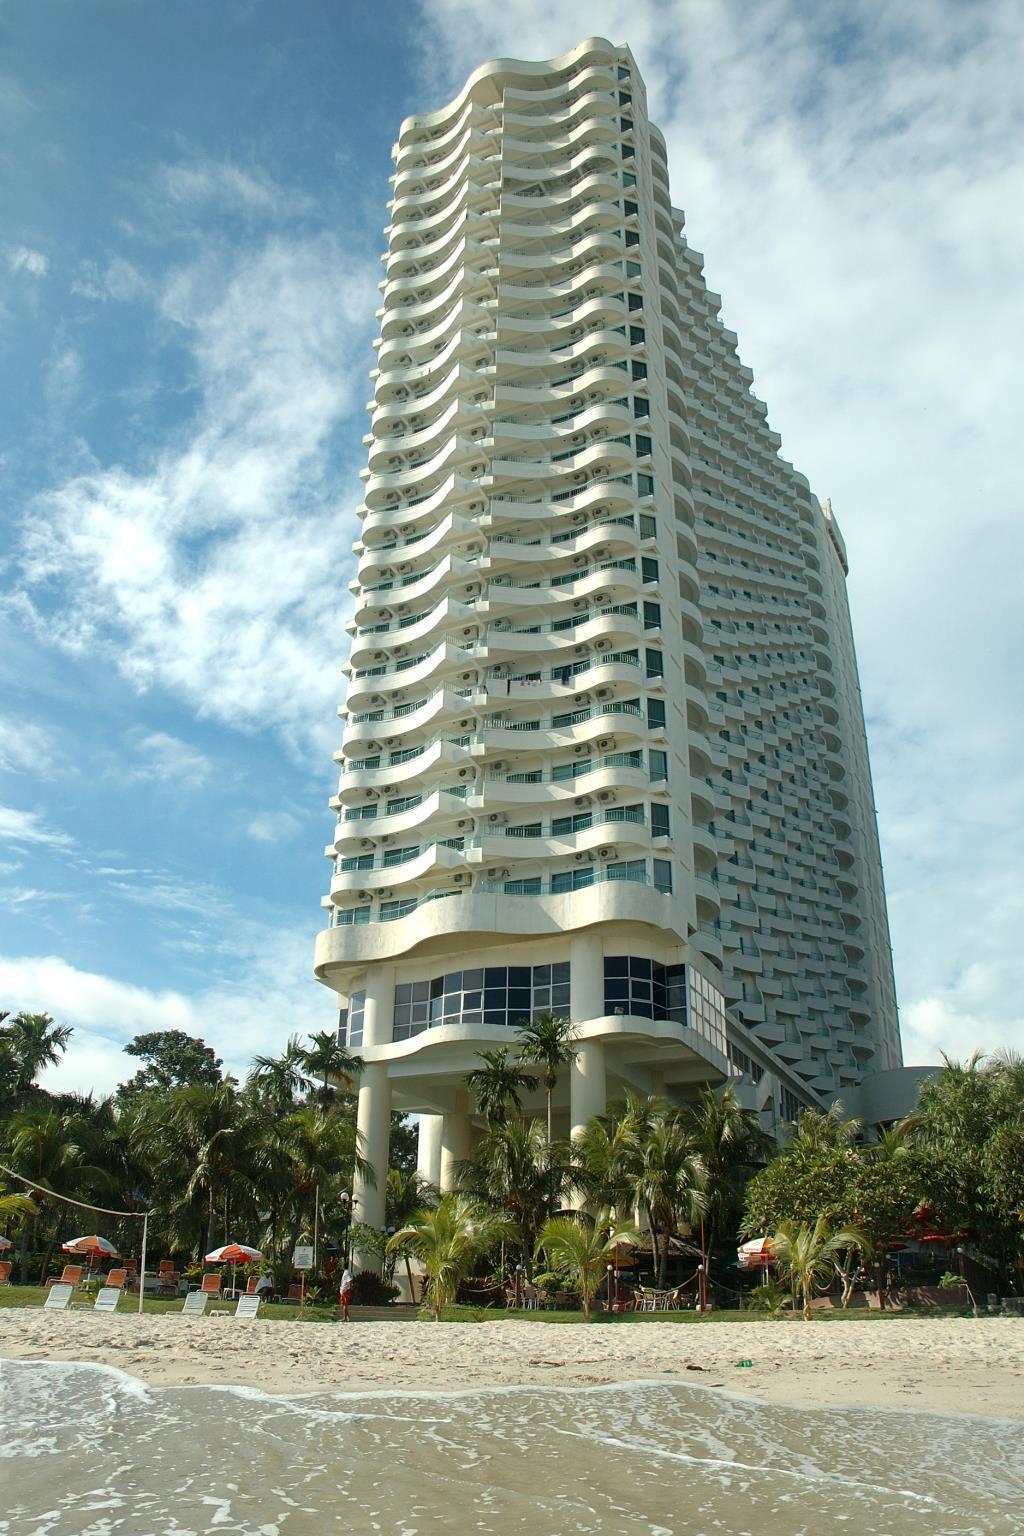 Expat's Nook Beach Resort